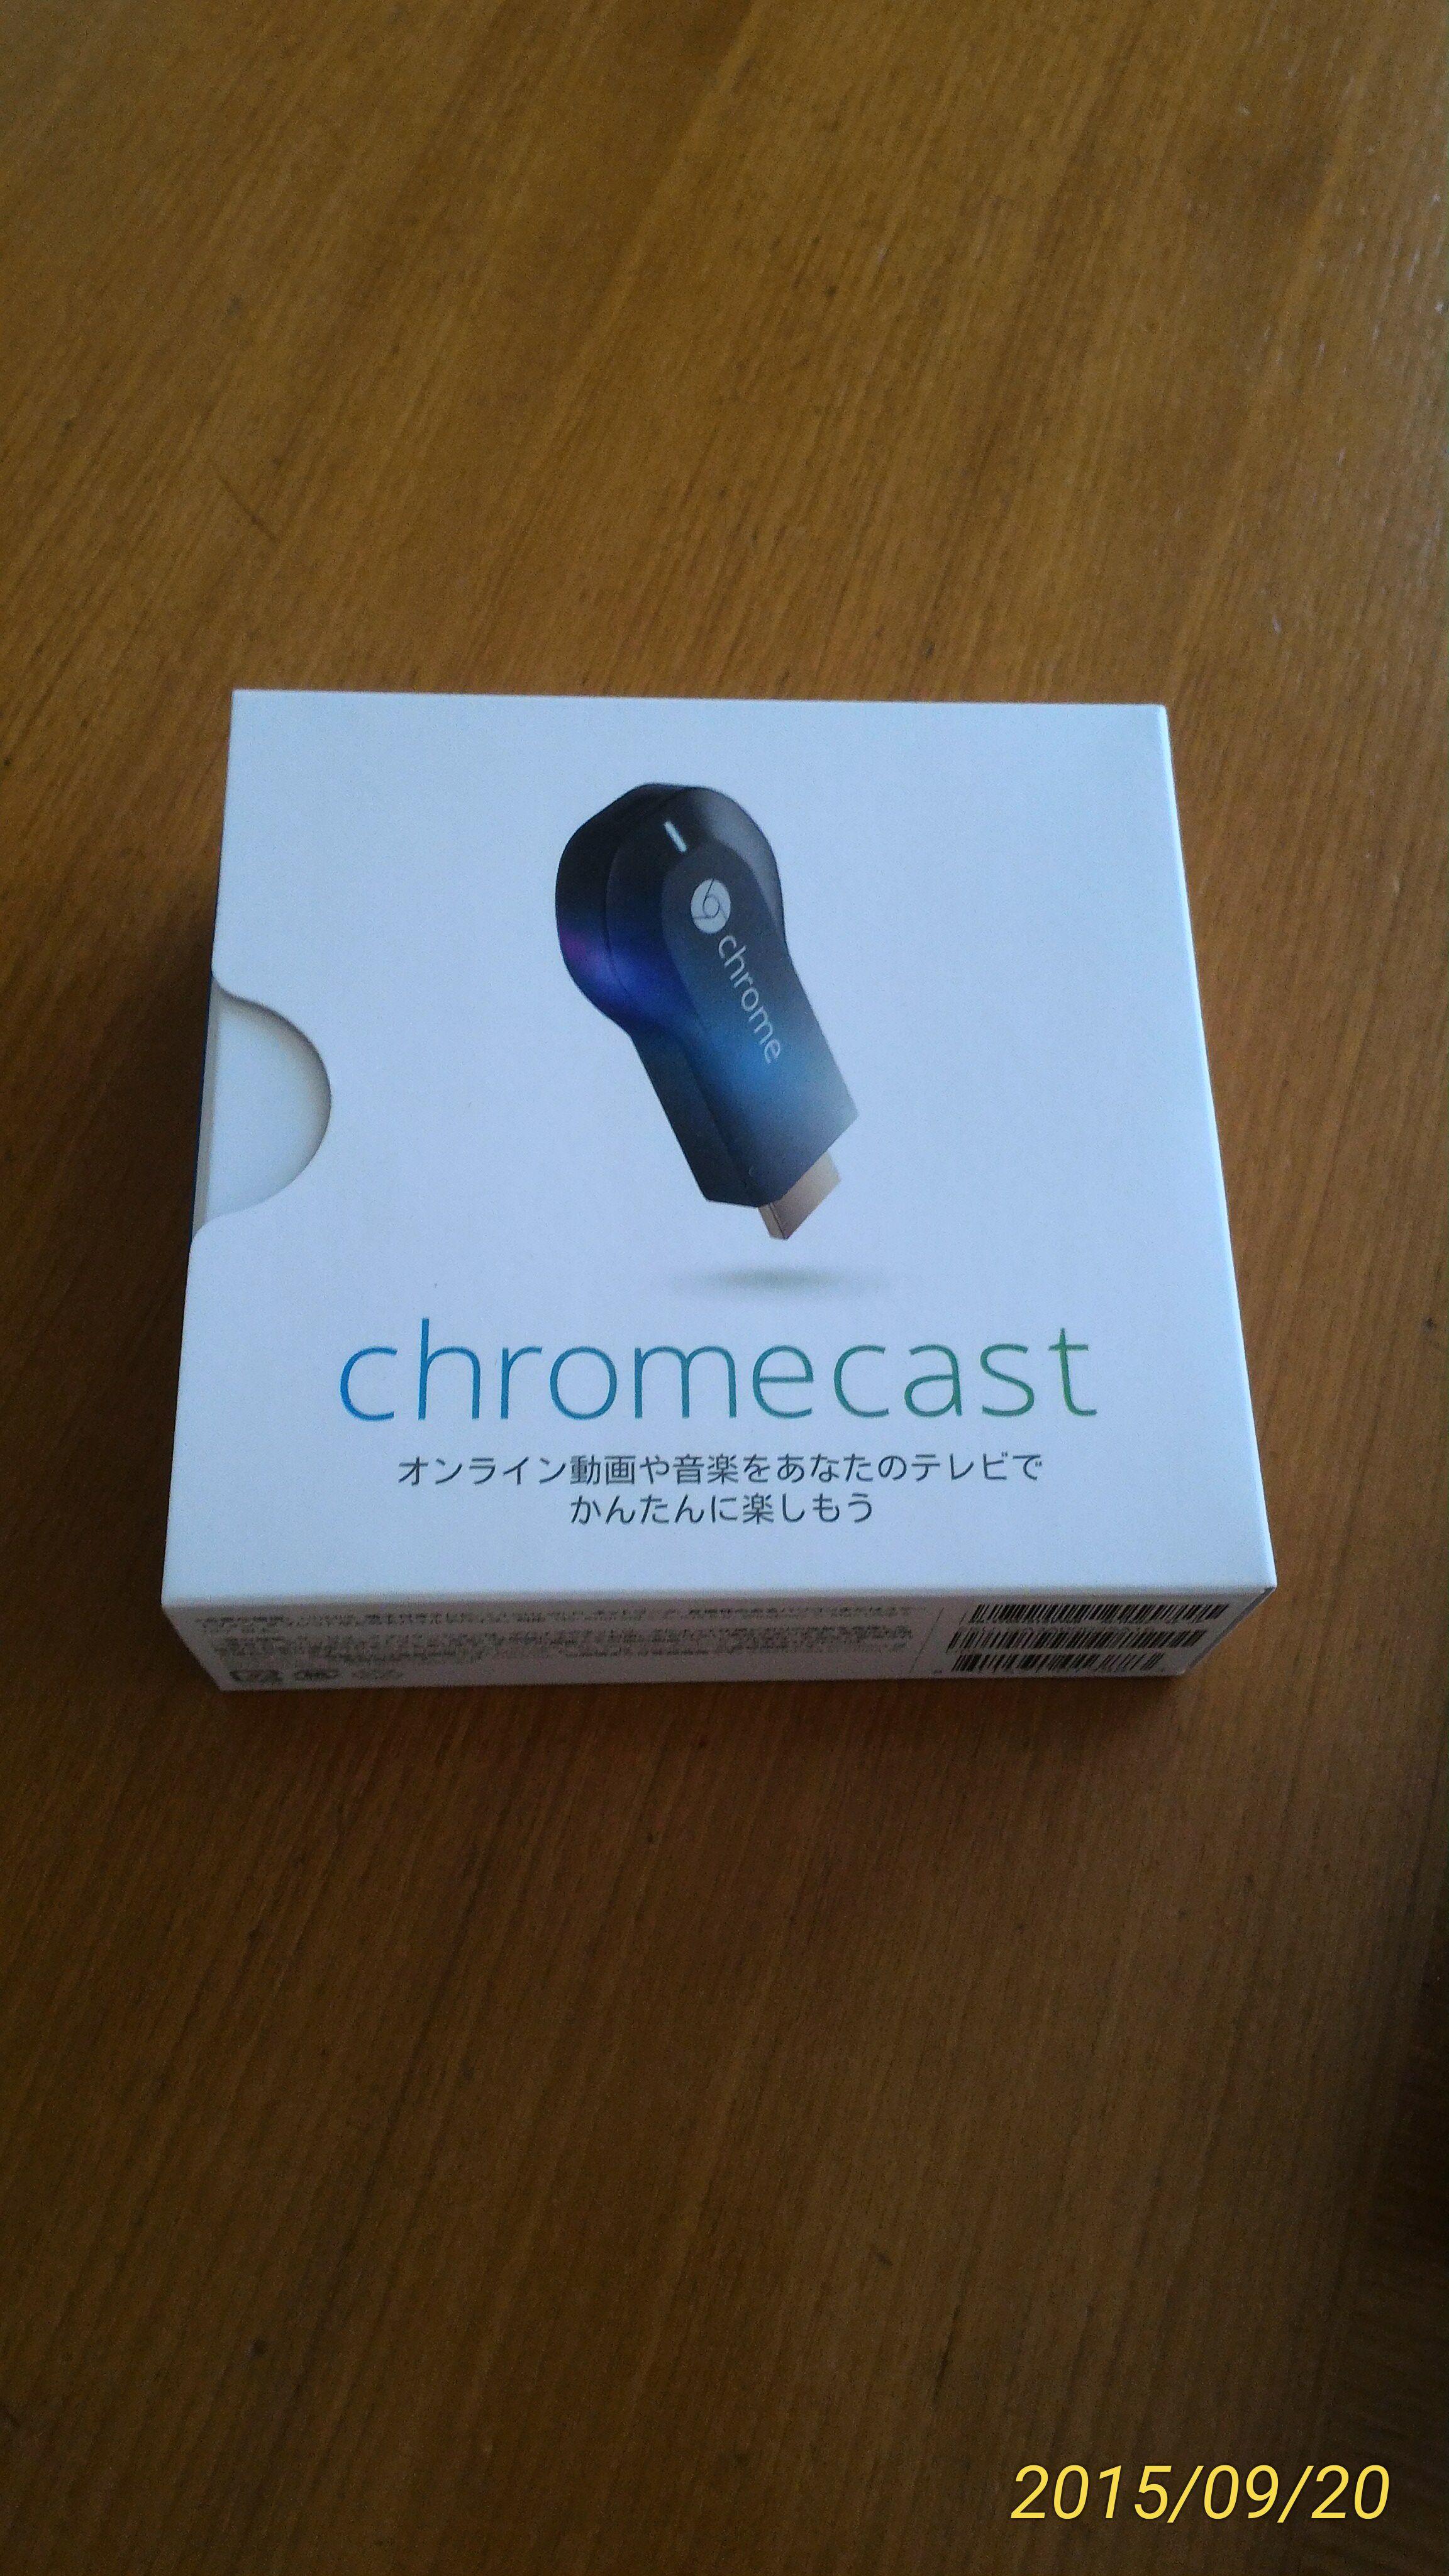 Chromecastを使って、iPadのYouTubeを、リビングのテレビ画面で見れるようにしました